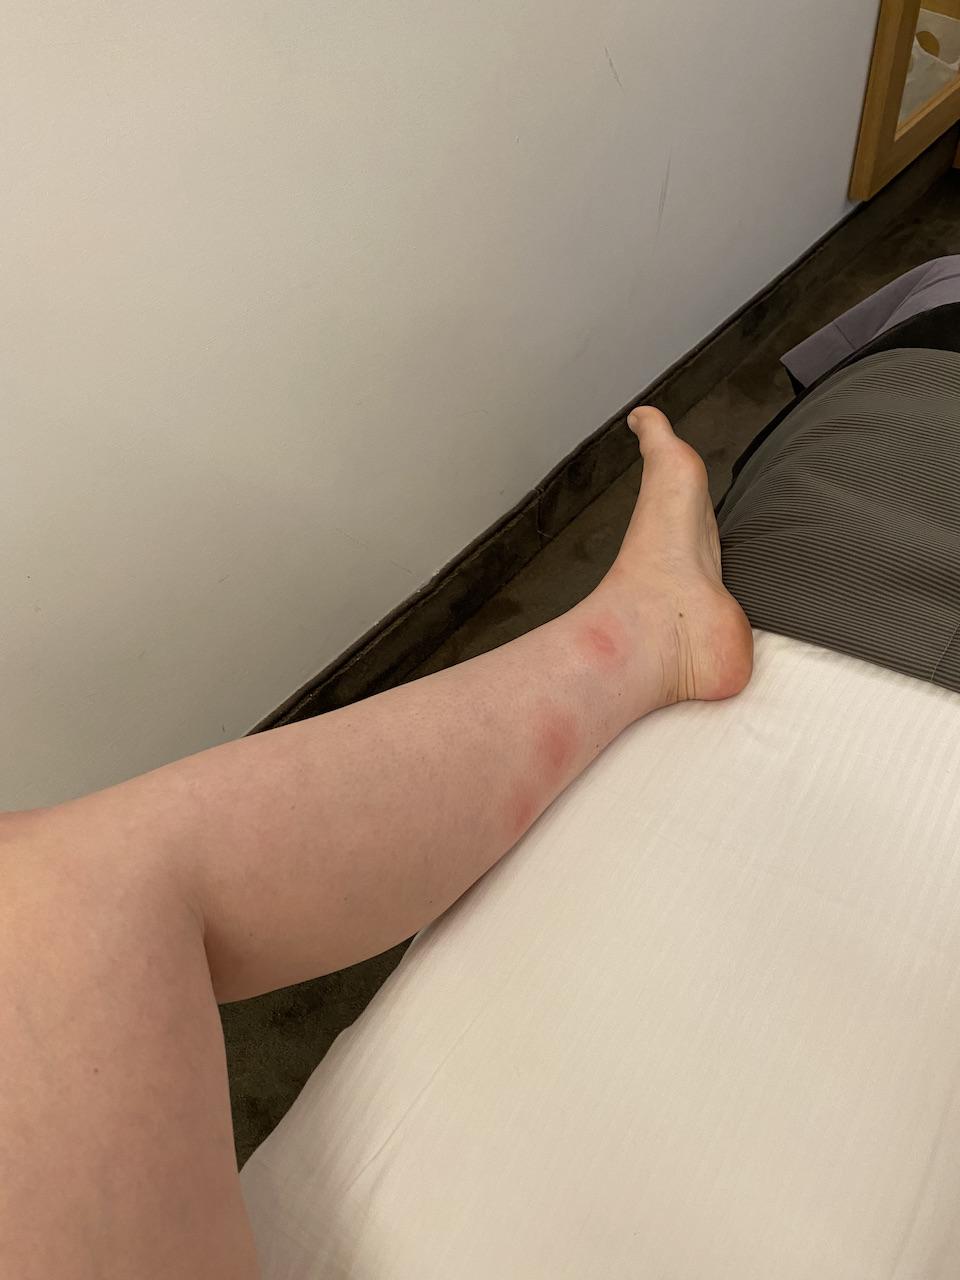 Allergische reactie op muggenbulten - Tips van een ervaringsdeskundige, 1